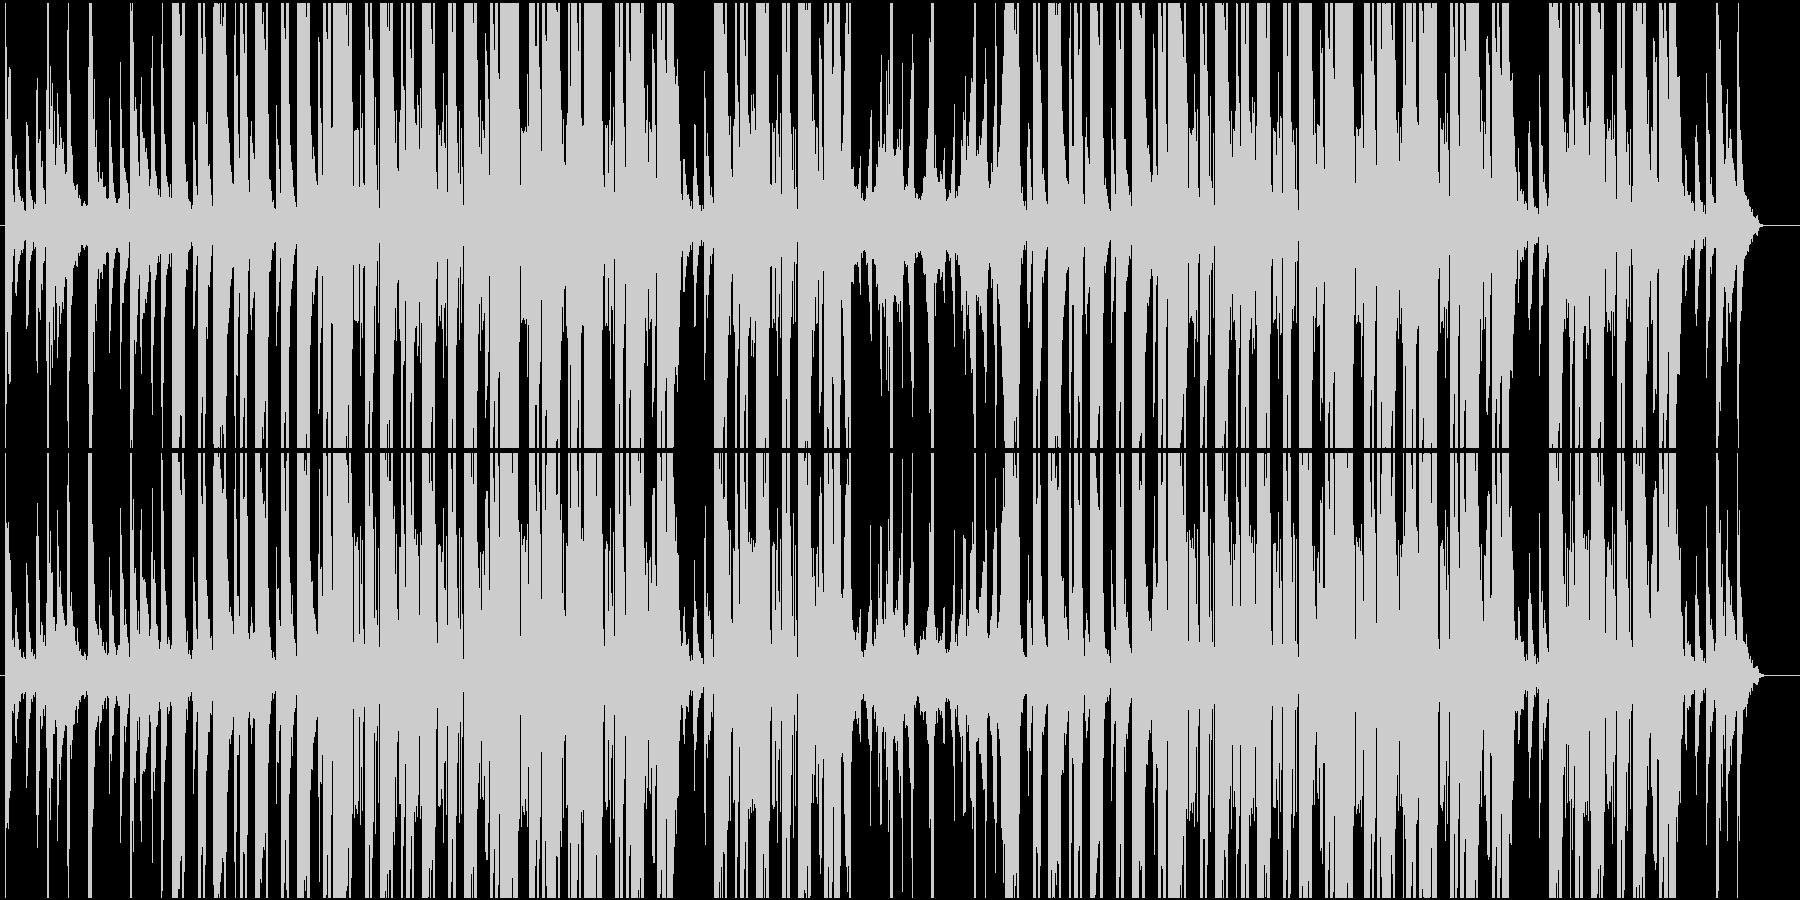 琴が鳴る怪しいヒップホップ風の楽曲の未再生の波形